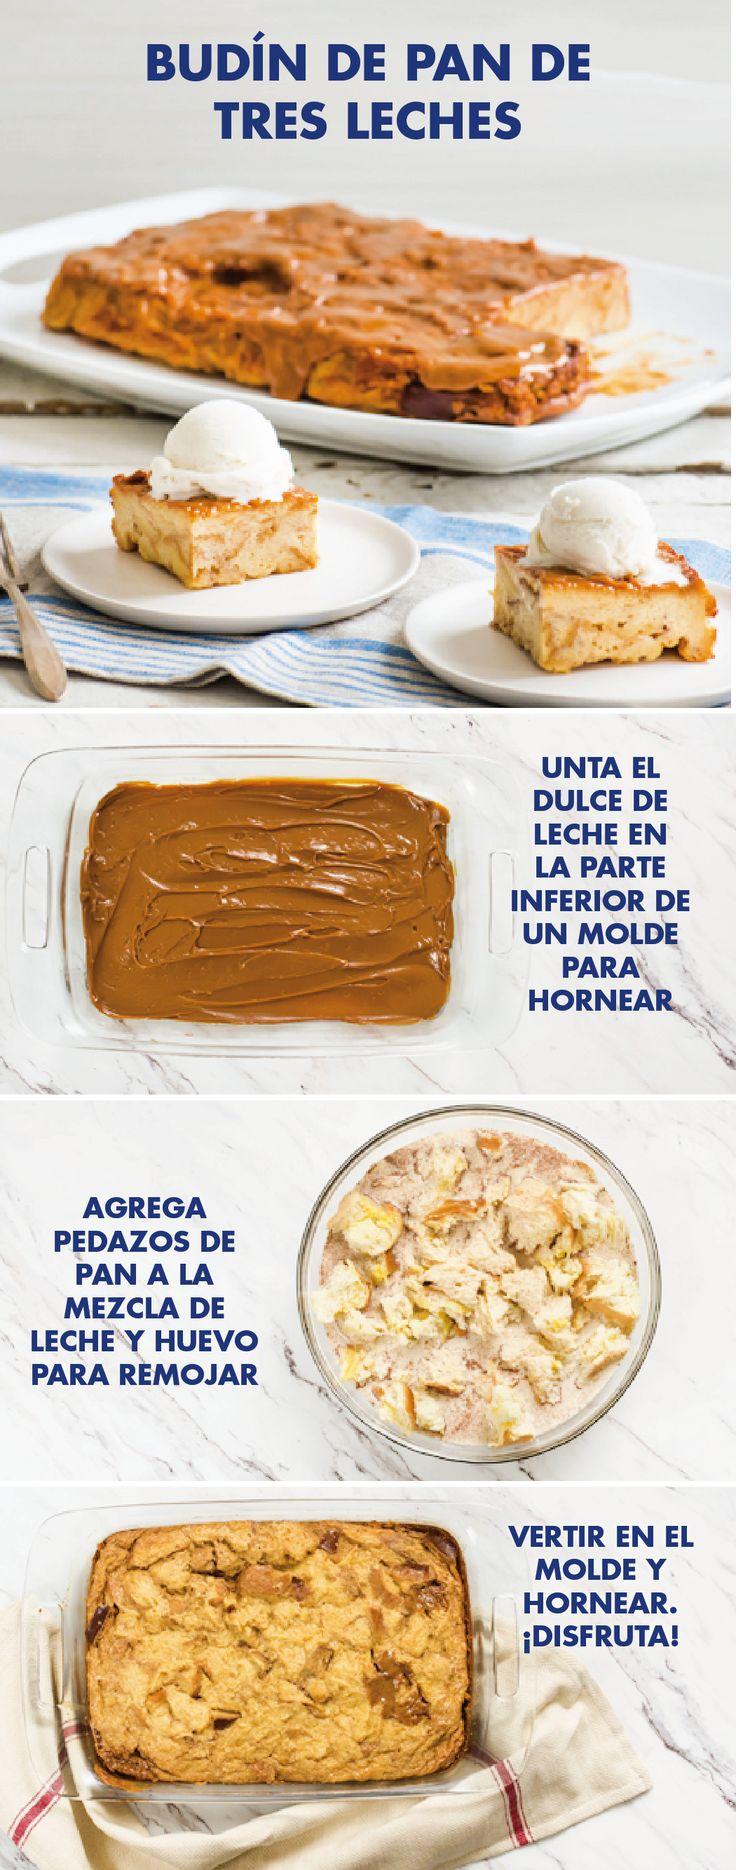 ¡Prepara esta deliciosa y fácil receta de budín de pan con dulce de leche, es un postre súper especial para tu cena familiar! Te encantará lo sencillo que es hacer este budín con los sabores de la cocina de la abuela, gracias a la combinación de pan de brioche, pasas, canela, nueces picadas , leche condensada y dulce de leche de La Lechera. ¡Y no te olvides de acompañarlo con helado!